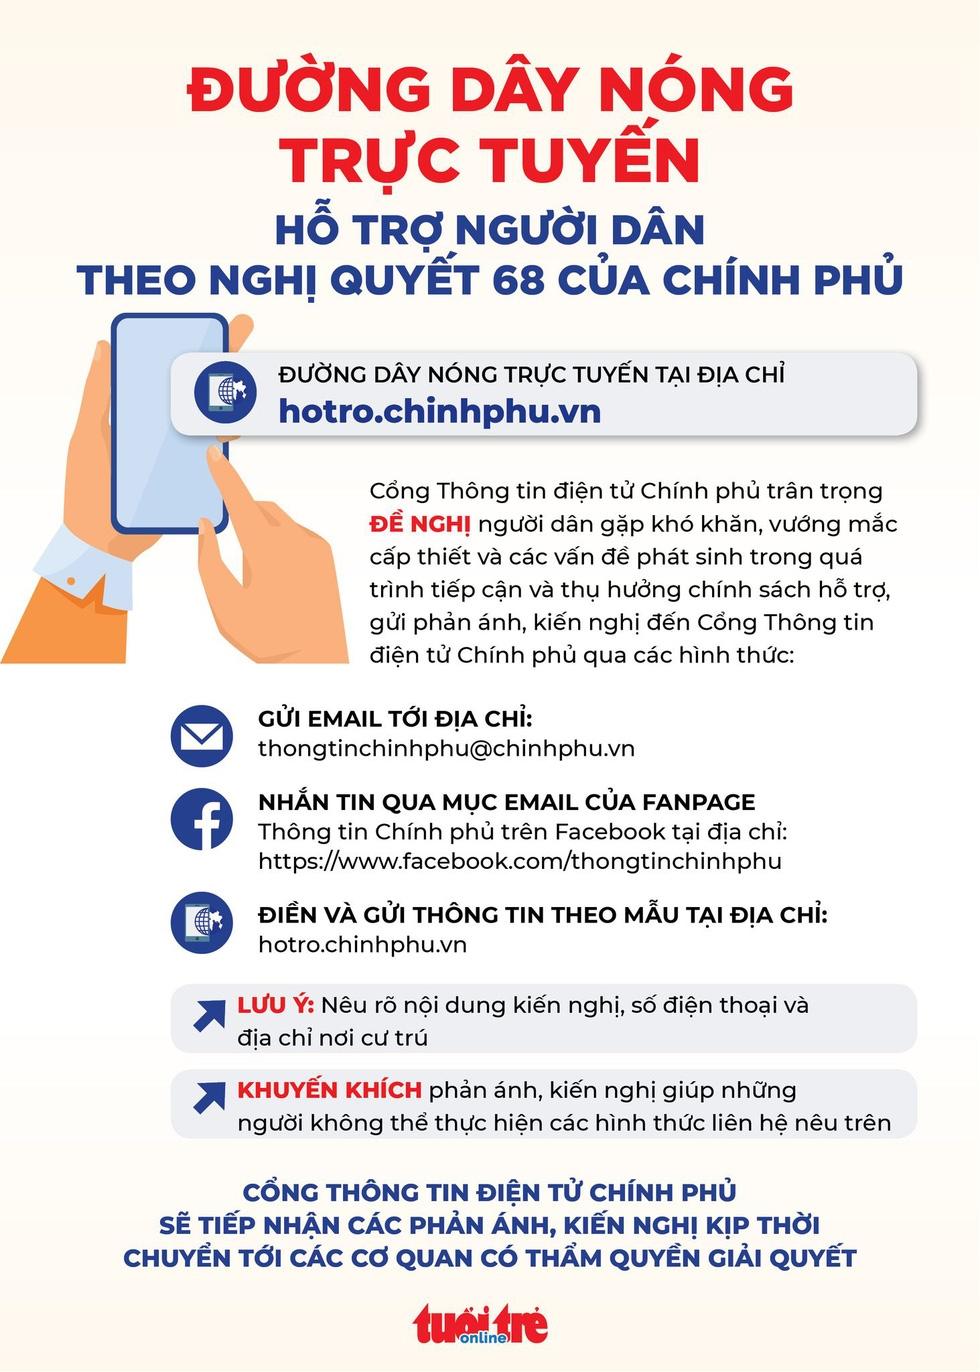 Công bố đường dây nóng trực tuyến hỗ trợ người dân theo nghị quyết 68 của Chính phủ - Ảnh 1.